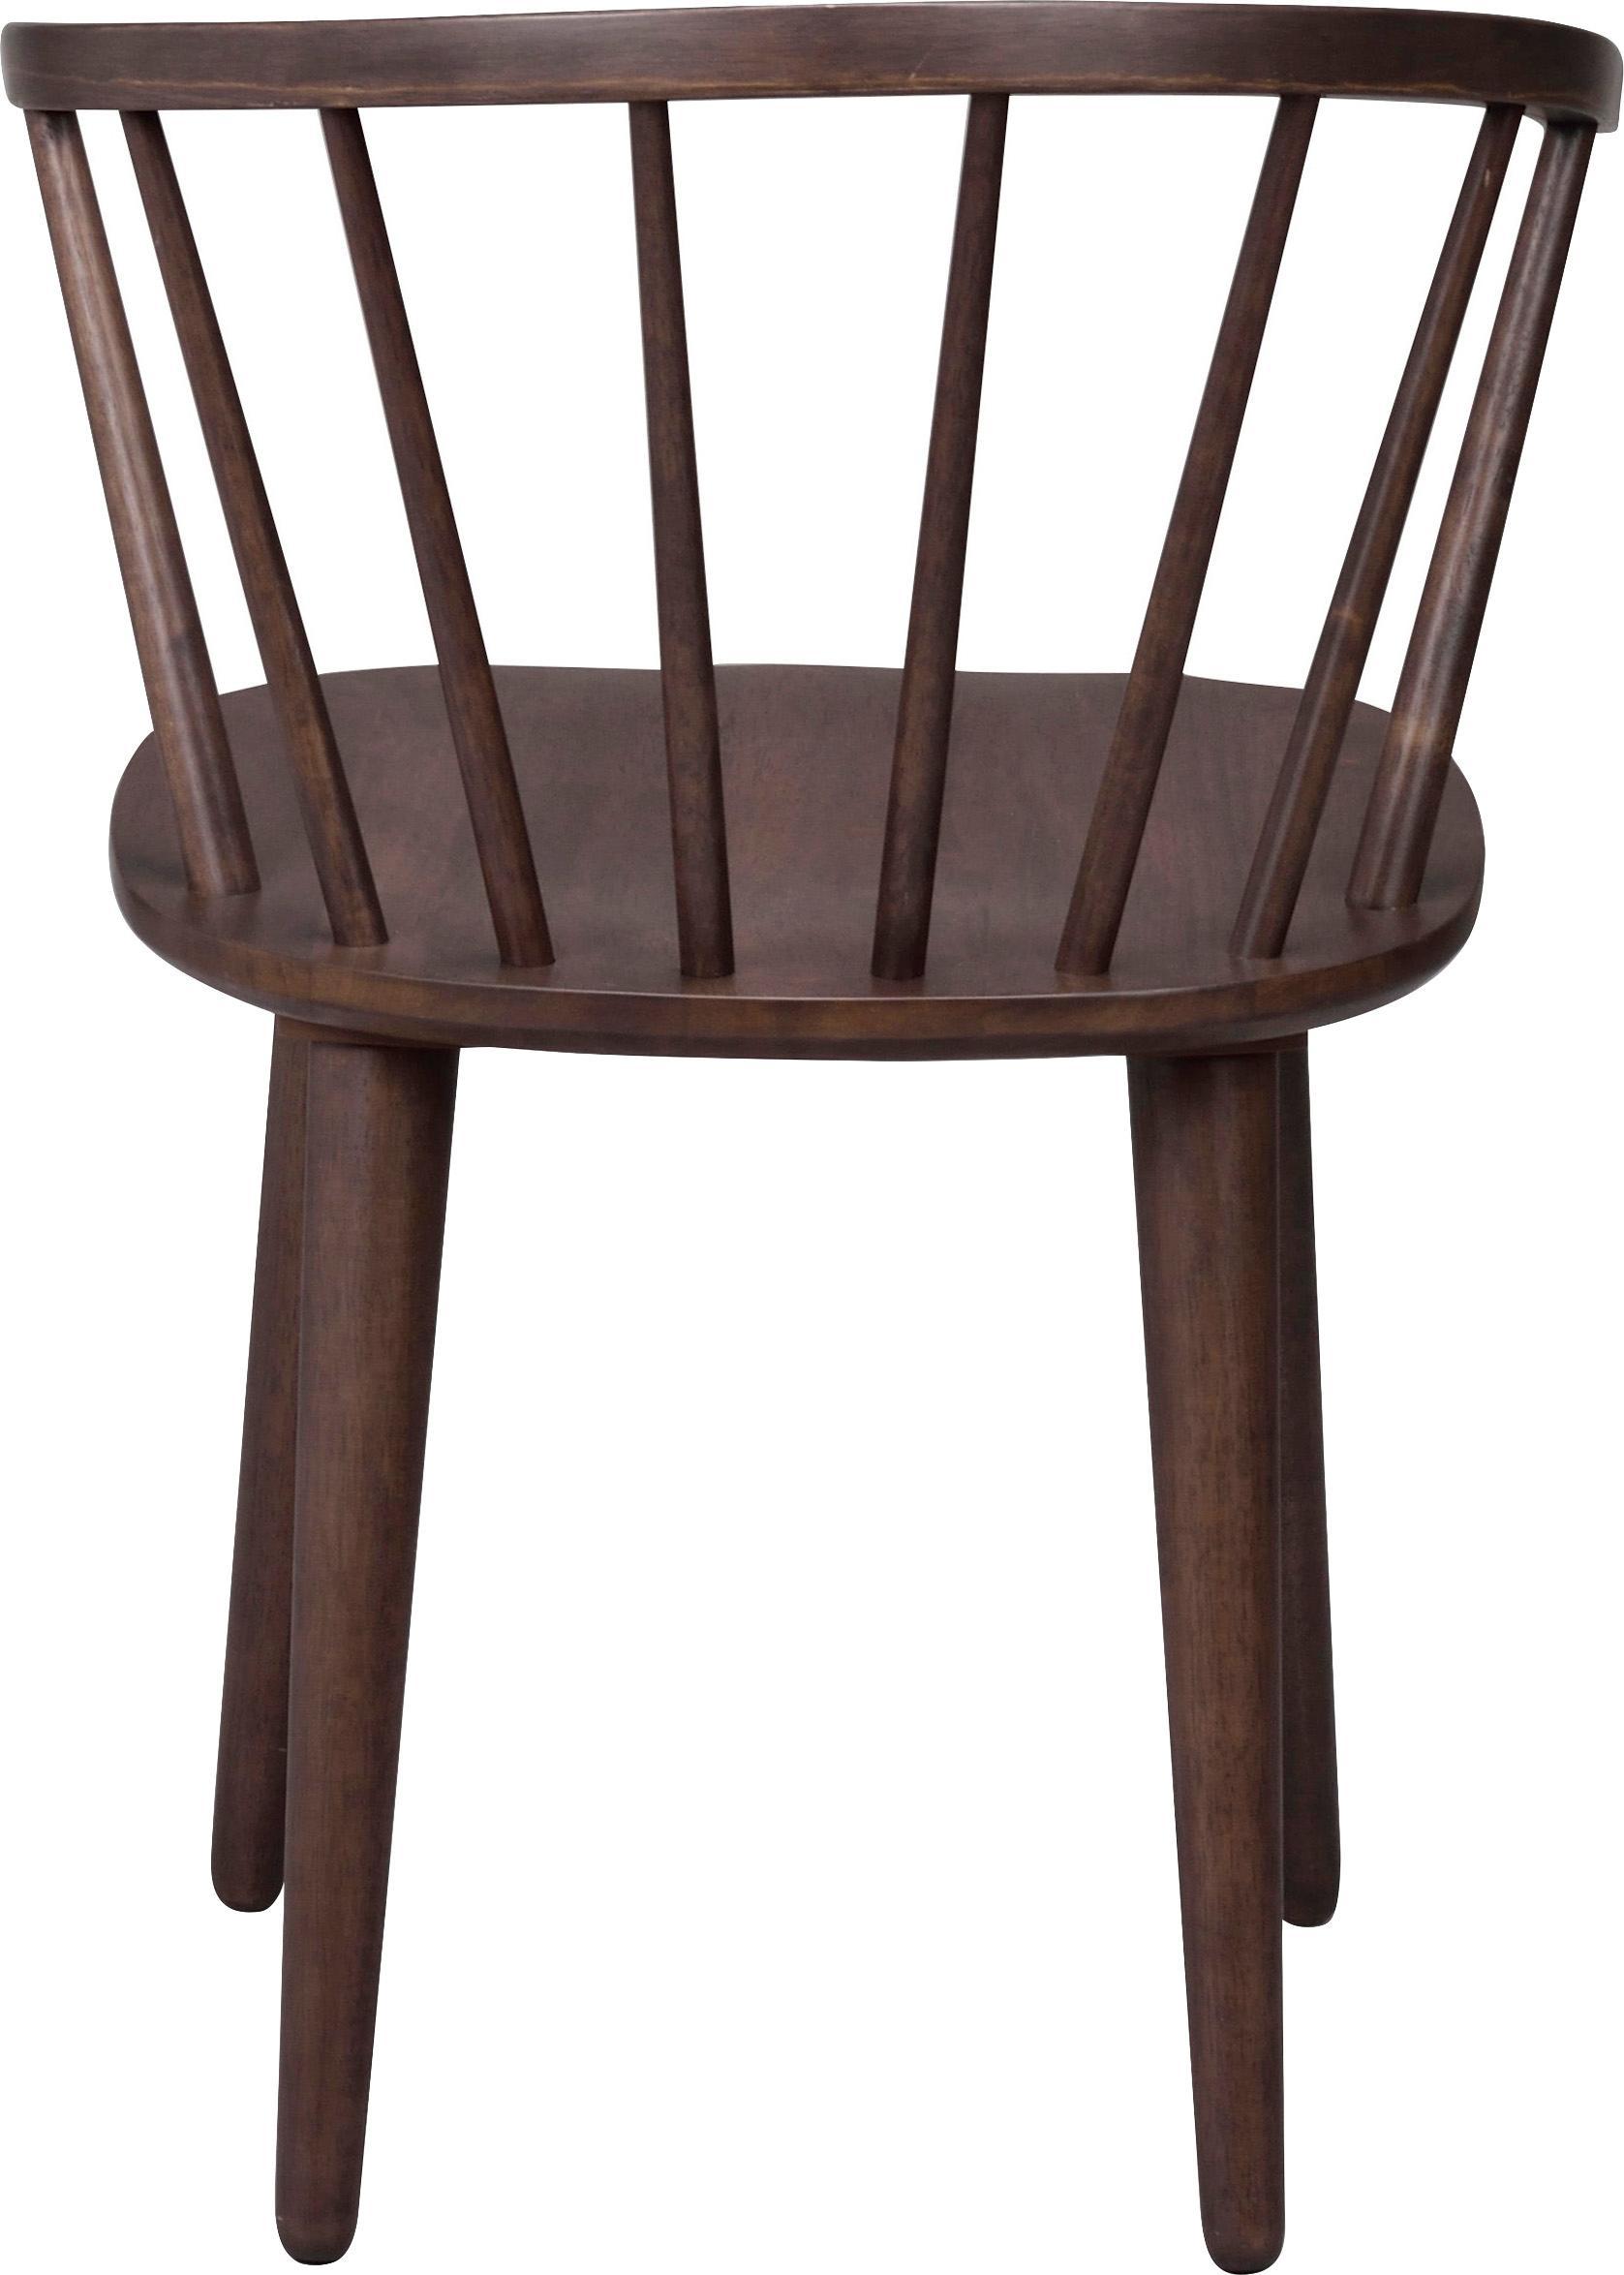 Poltrone Windsor Carmen in legno, 2 pz., Legno di caucciù, macchiato verniciato, Marrone scuro con struttura in legno a vista, Larg. 54 x Alt. 76 cm